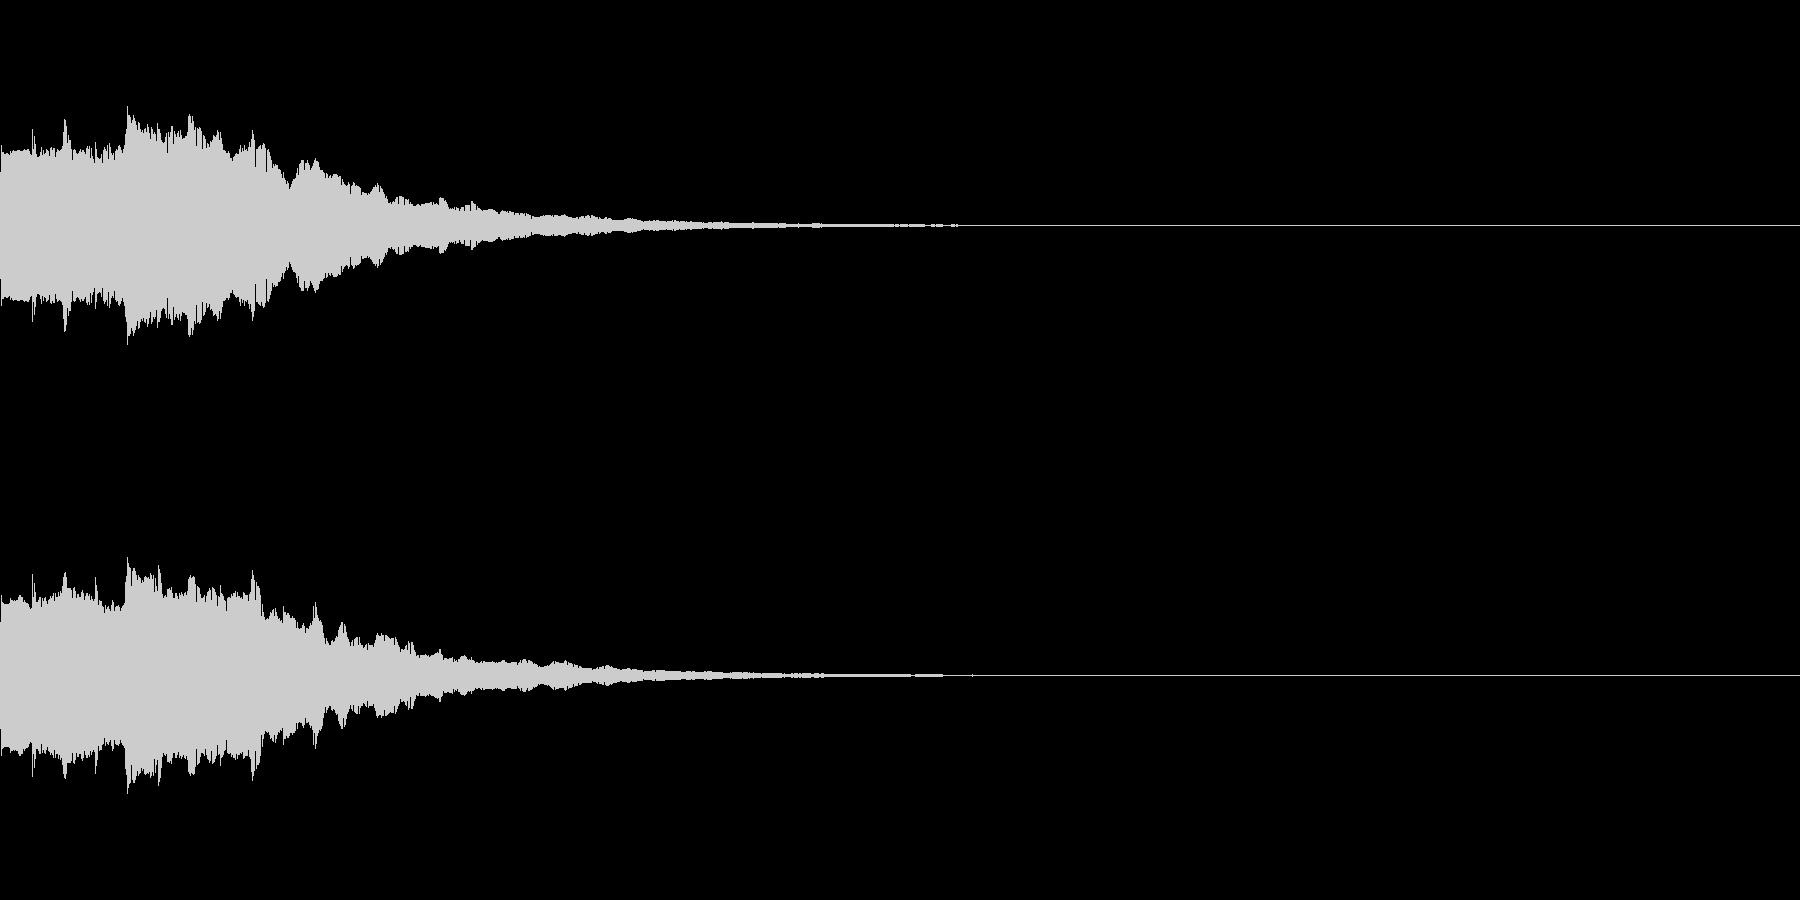 ピロロロロン 決定スタートボタンクリックの未再生の波形